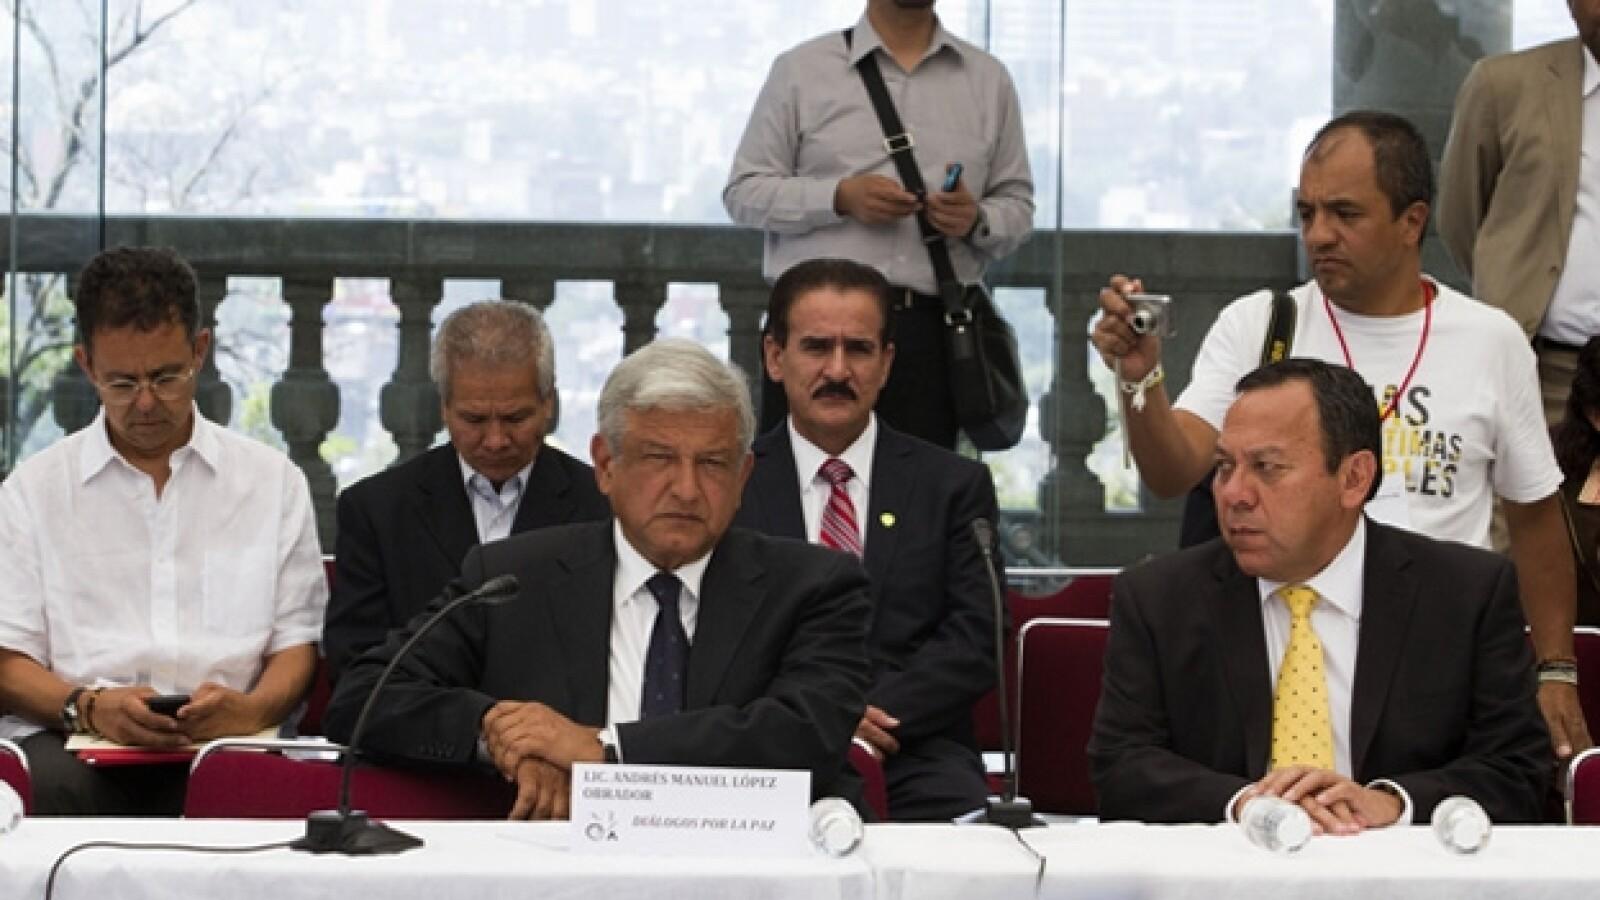 López Obrador/Movimiento por la Paz